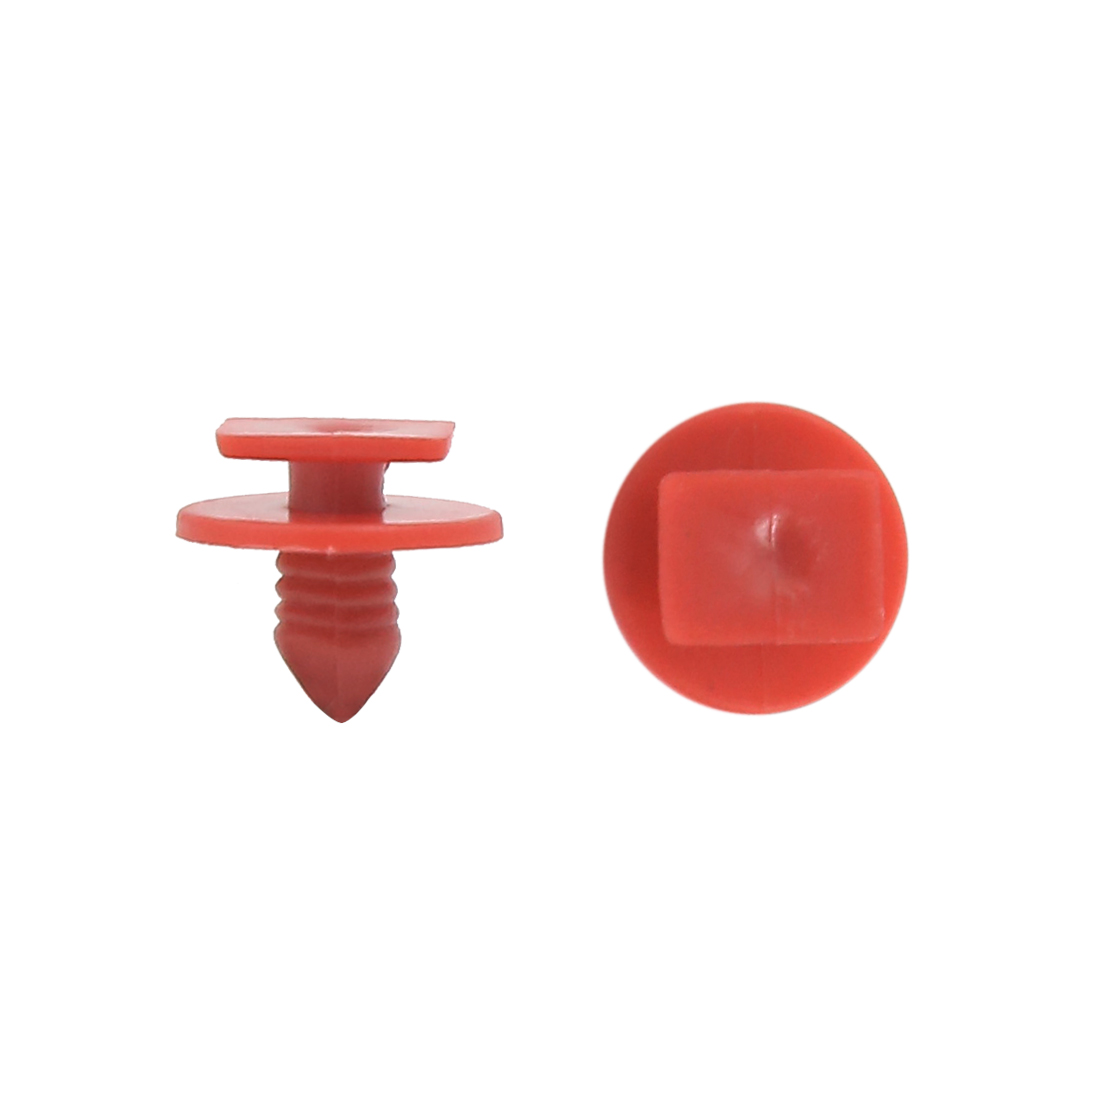 50Pcs 14mm Dia Push Clips Plastic Rivets Fastener for Car Auto Fender Bumper